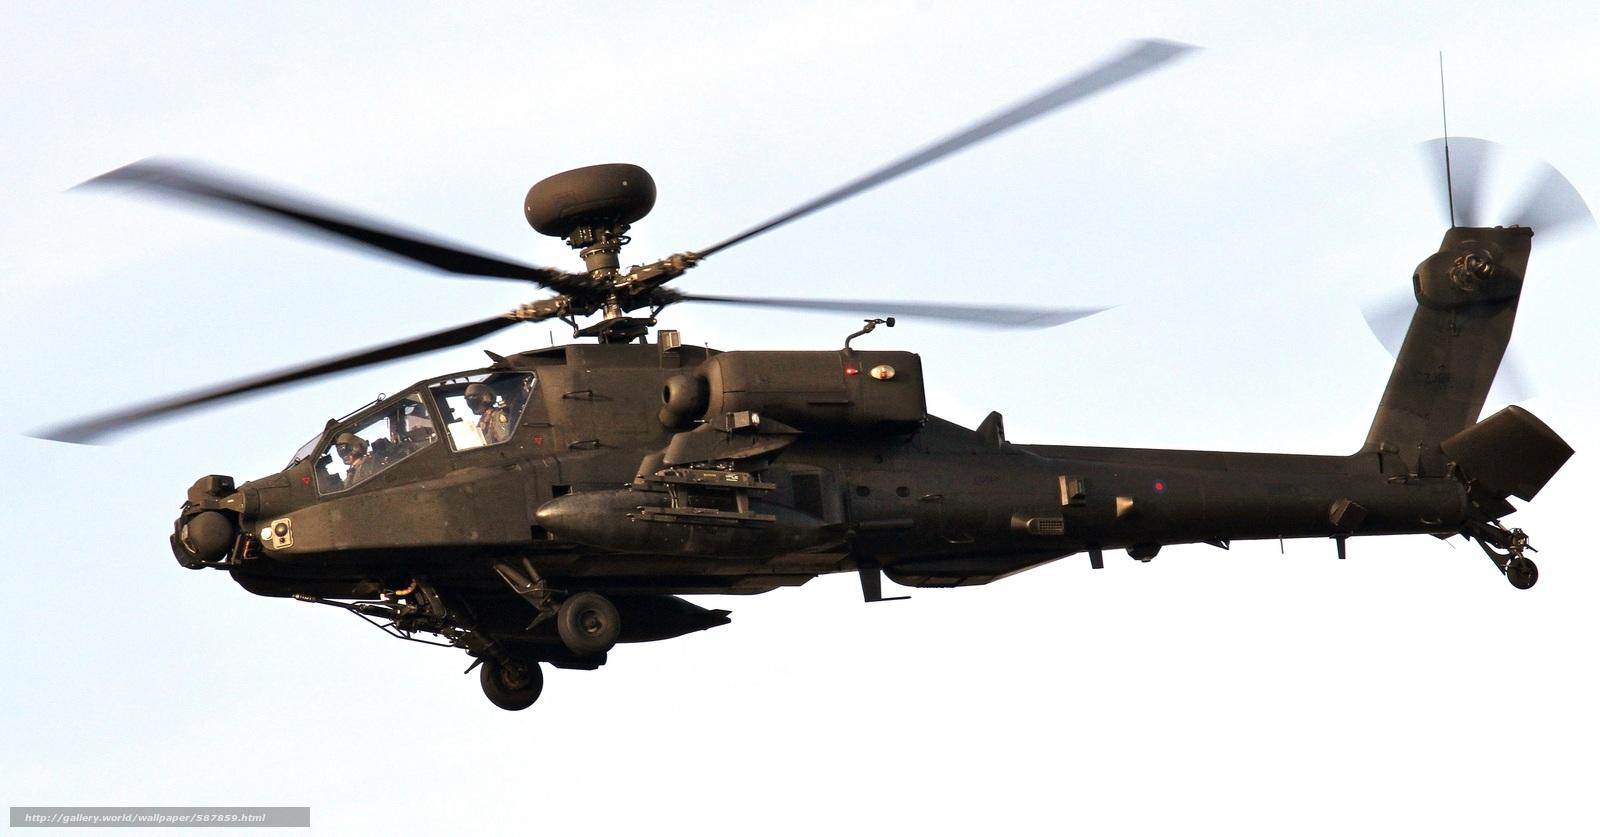 Скачать обои вертолёт,  небо,  армии США,  основной бесплатно для рабочего стола в разрешении 3206x1677 — картинка №587859